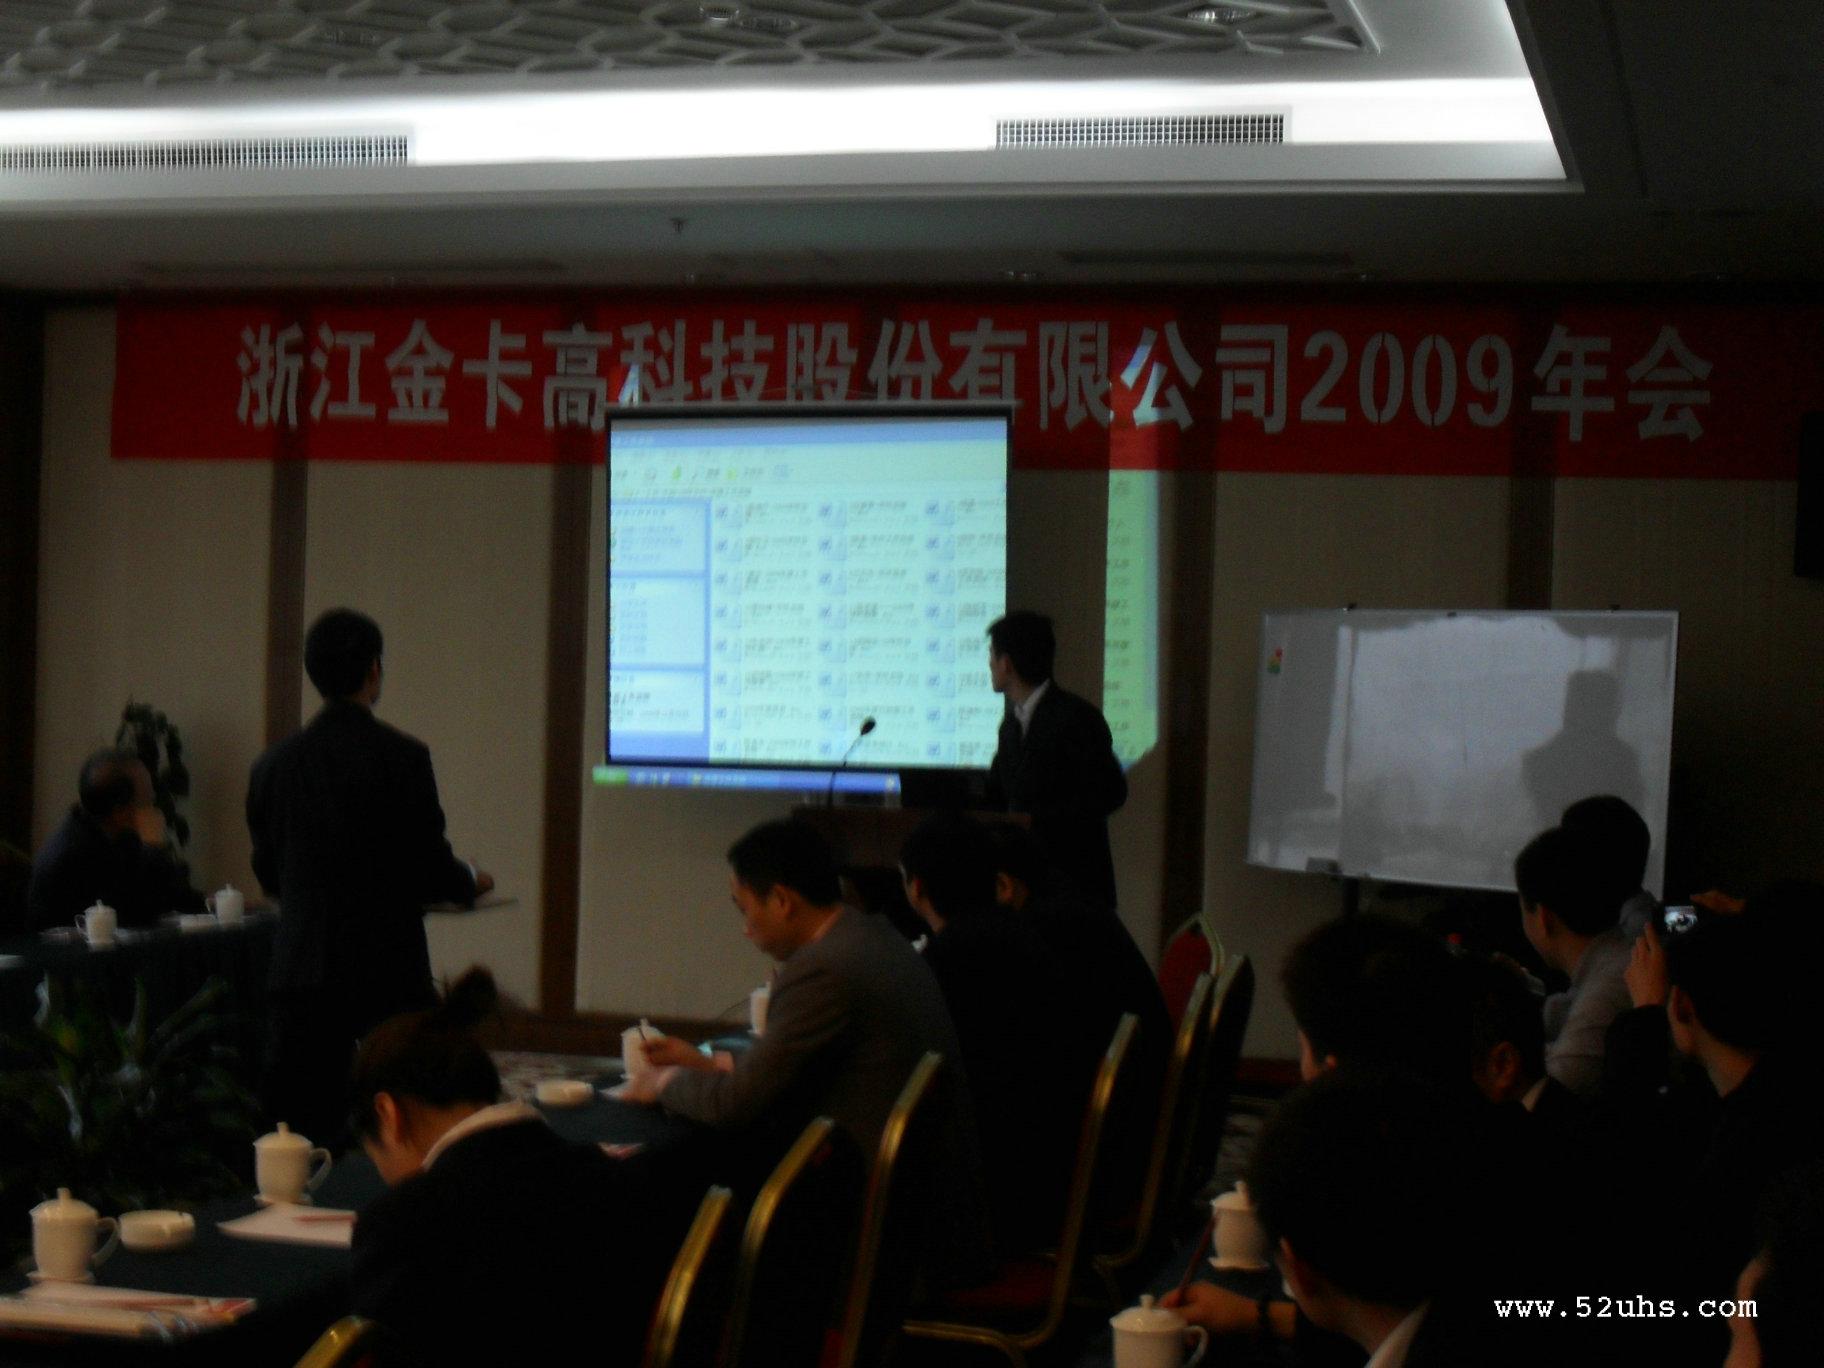 浙江金卡高科技股份有限公司2009年会